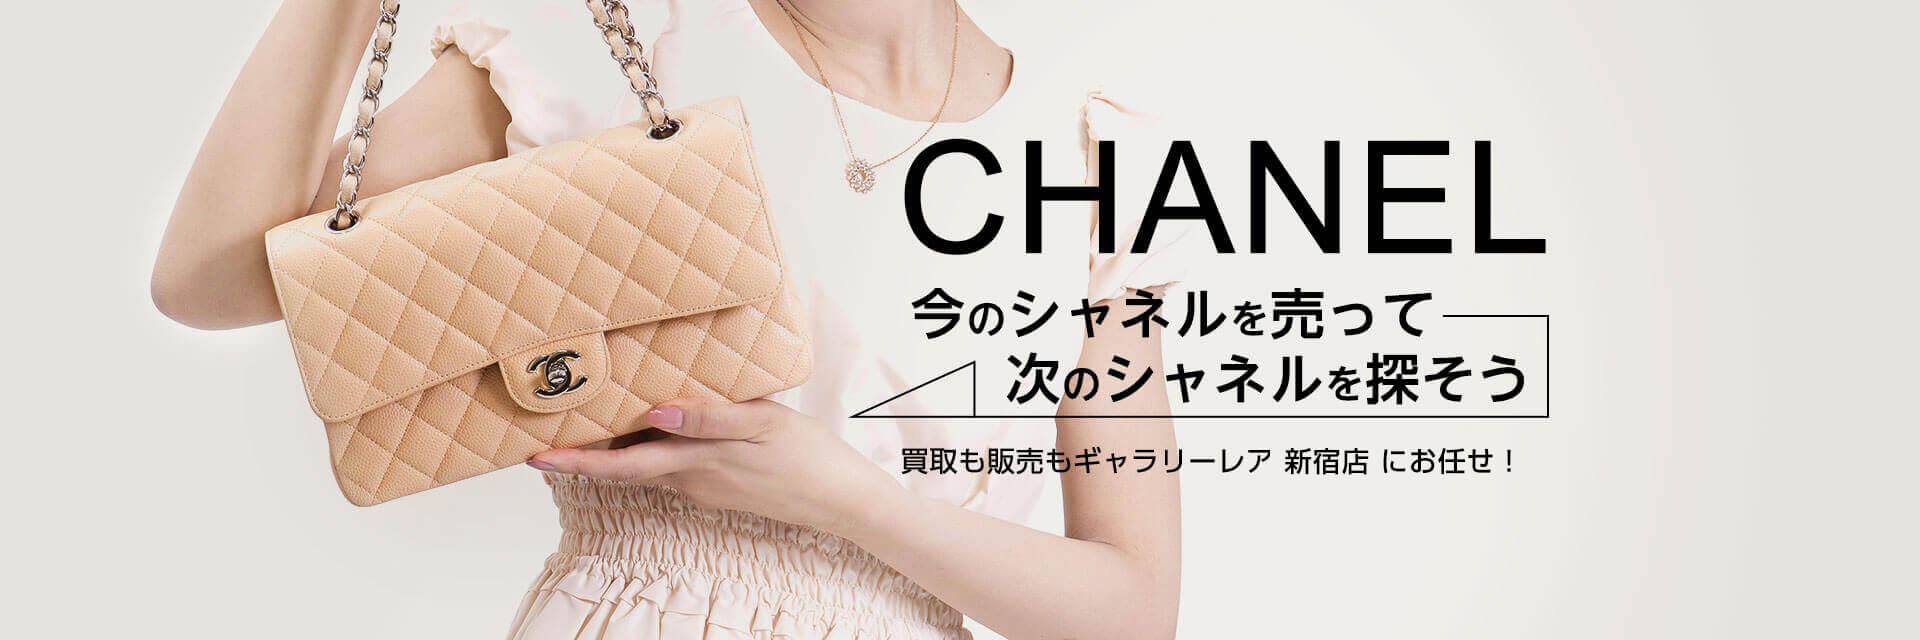 新宿でシャネルなら買取も販売もギャラリーレア新宿店にお任せ!